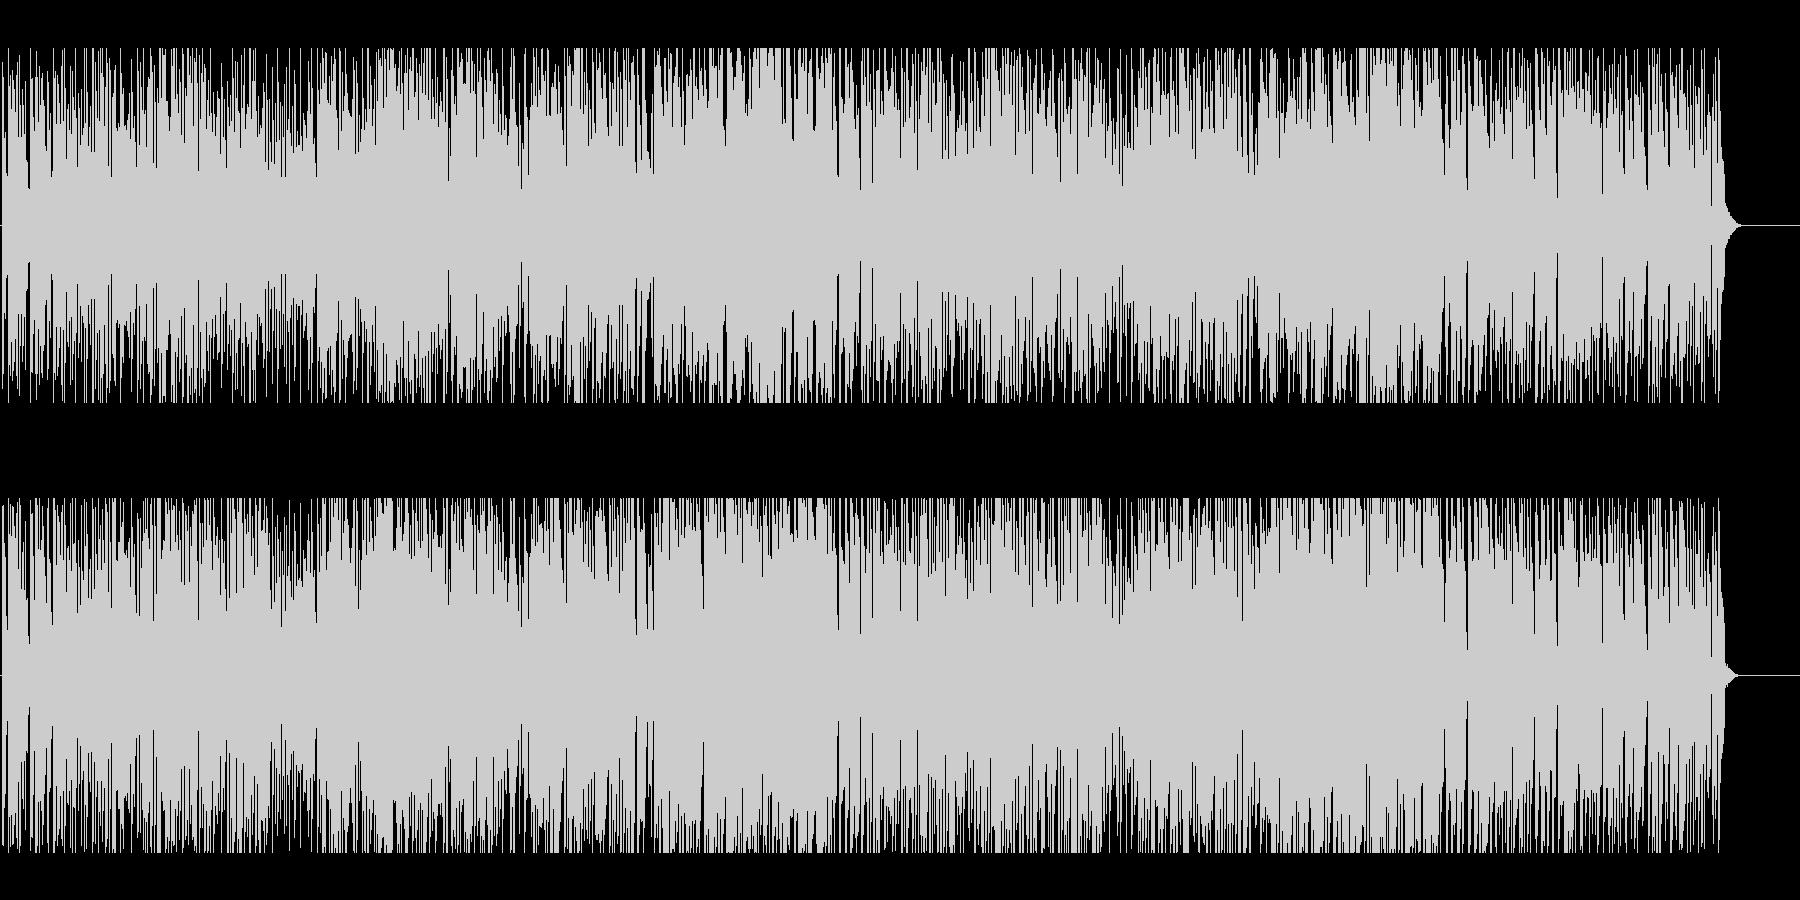 イベント 情報 充実 前進 クイズの未再生の波形